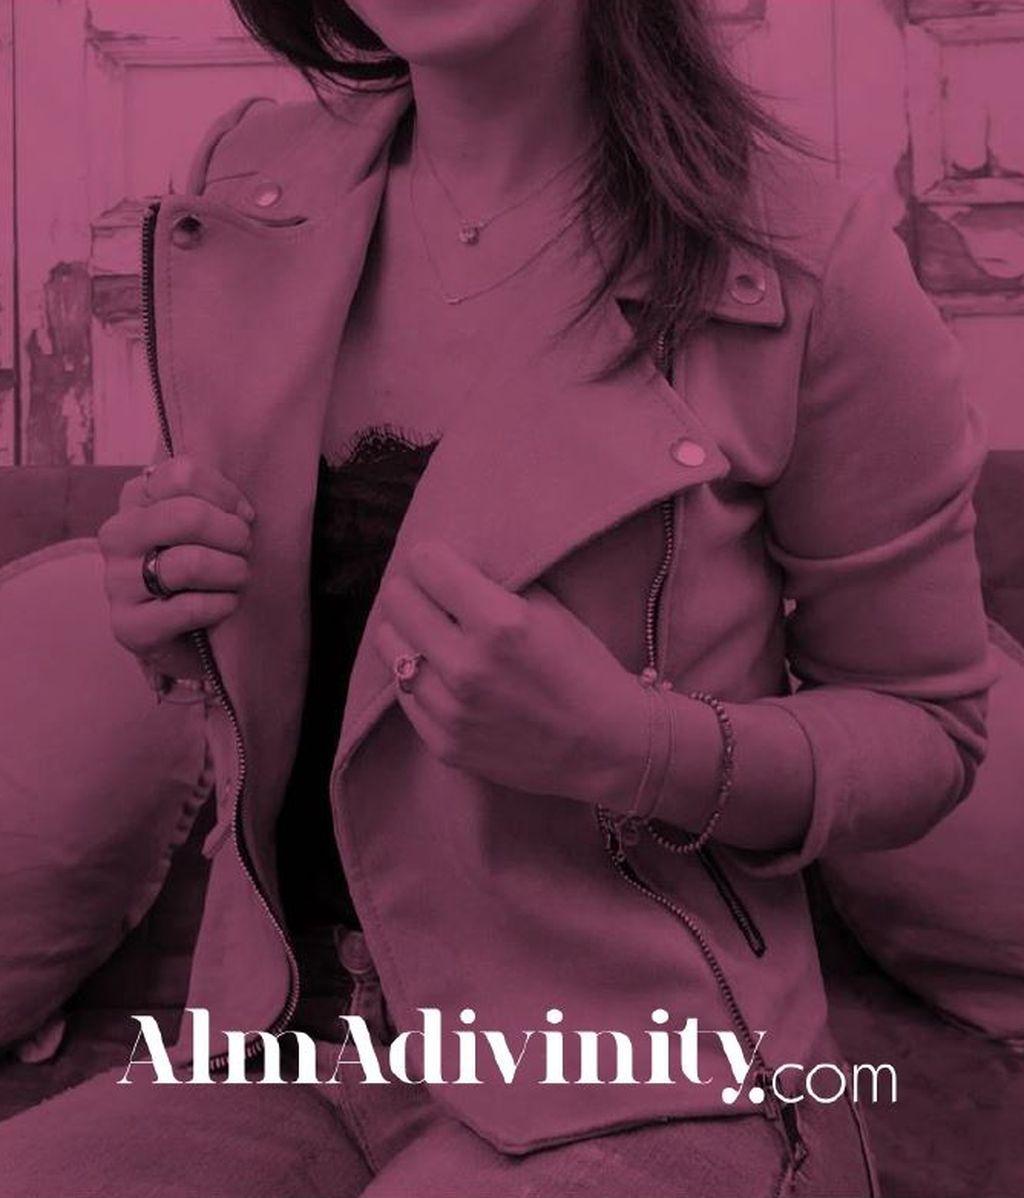 almadivinityweb